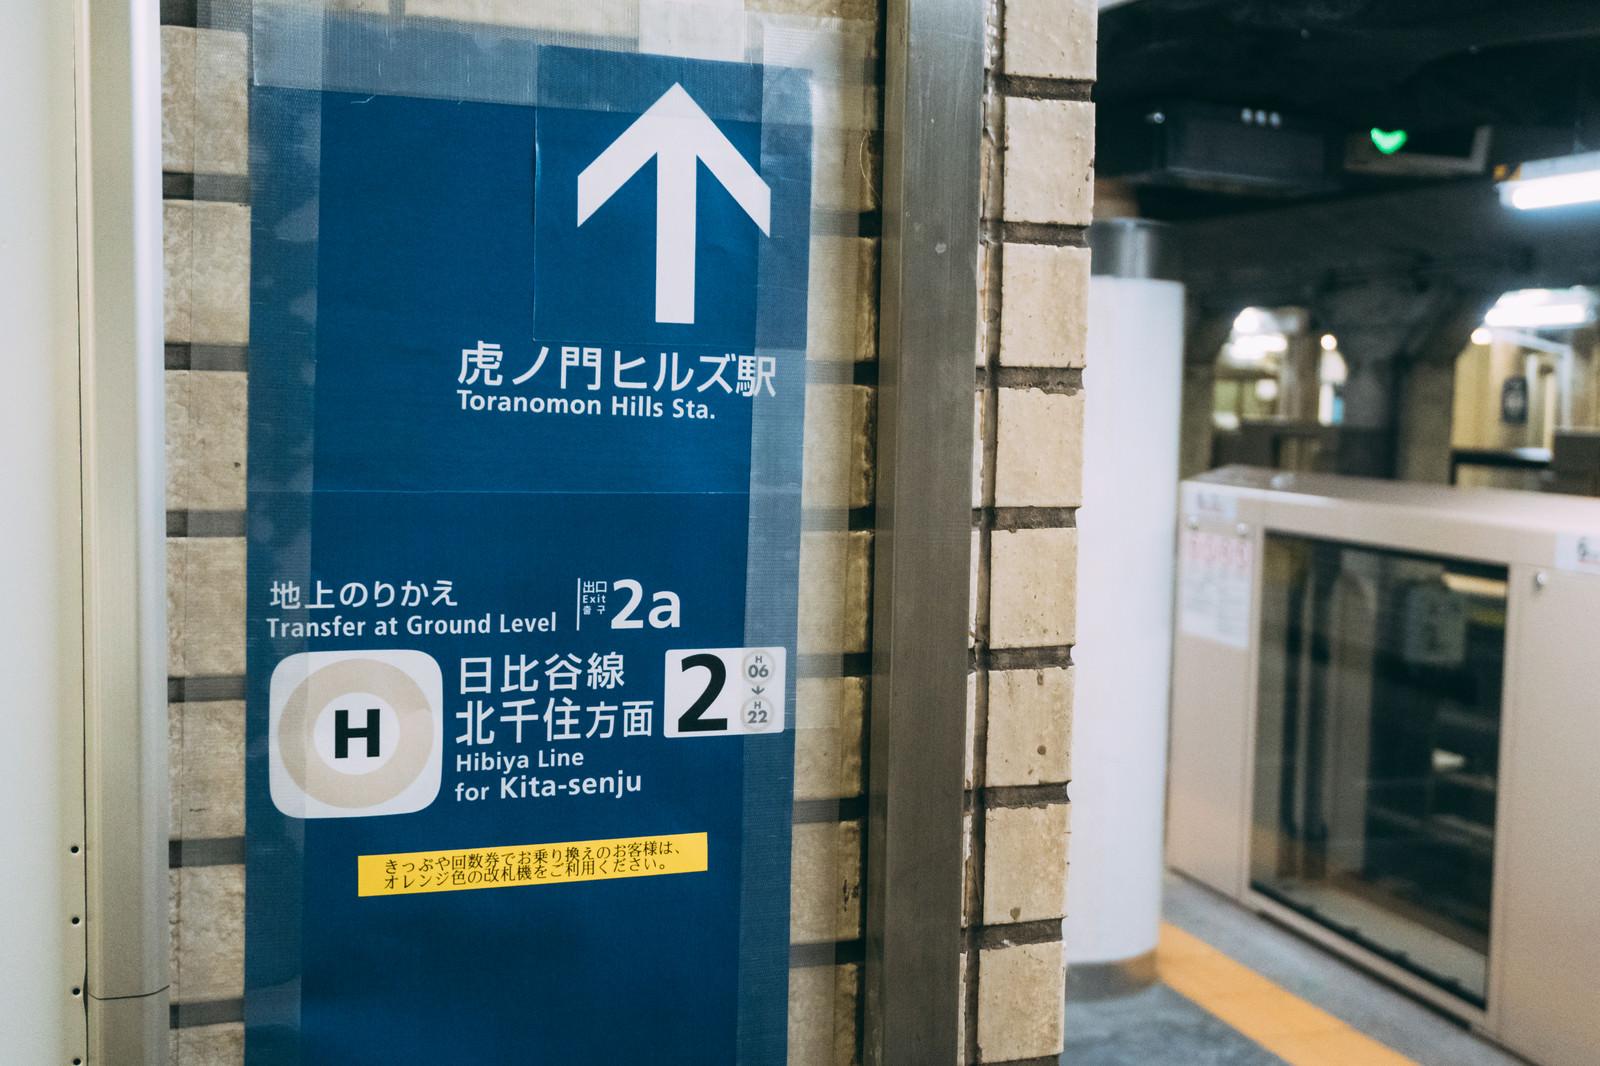 「虎ノ門ヒルズ駅を示す矢印(仮設の案内板)」の写真